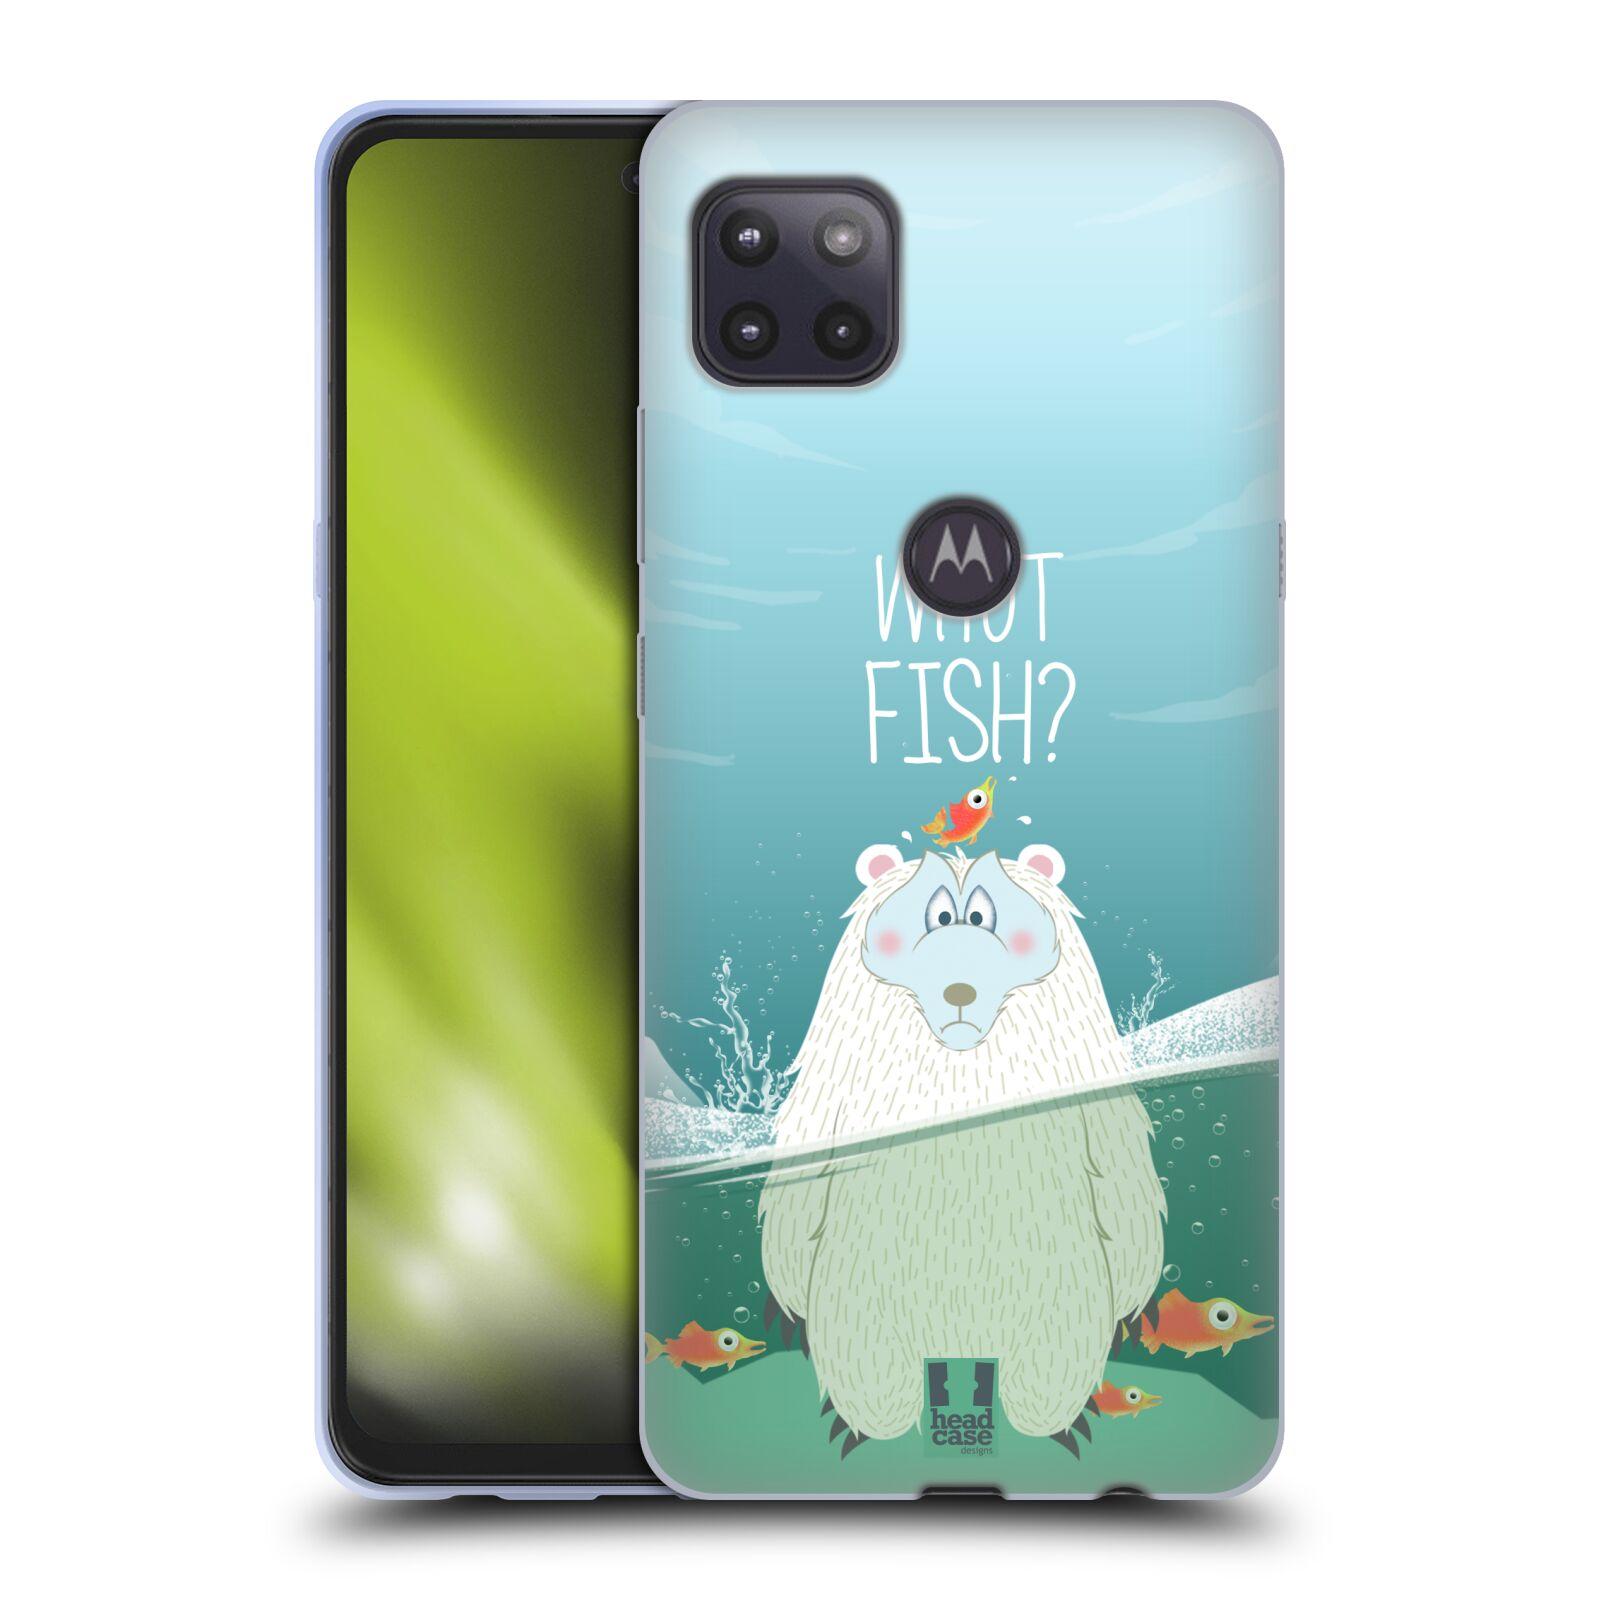 Silikonové pouzdro na mobil Motorola Moto G 5G - Head Case - Medvěd Whut Fish?